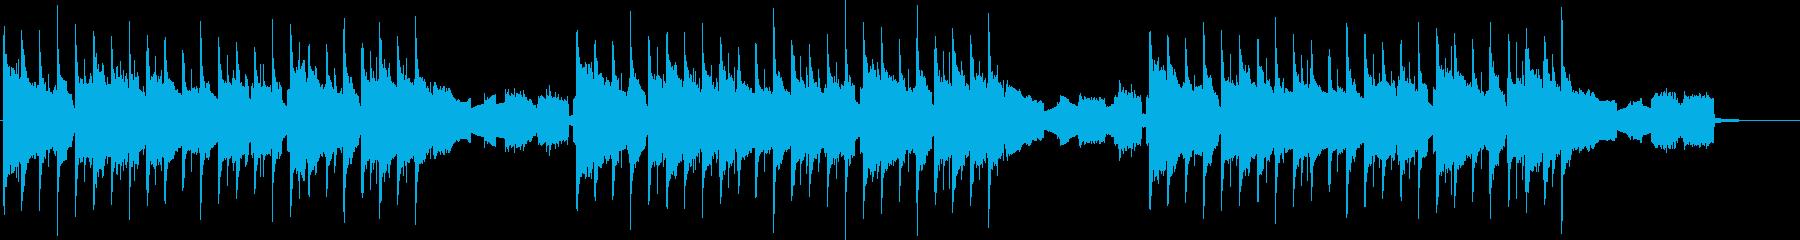 エレクトロBGM。映像などに。の再生済みの波形